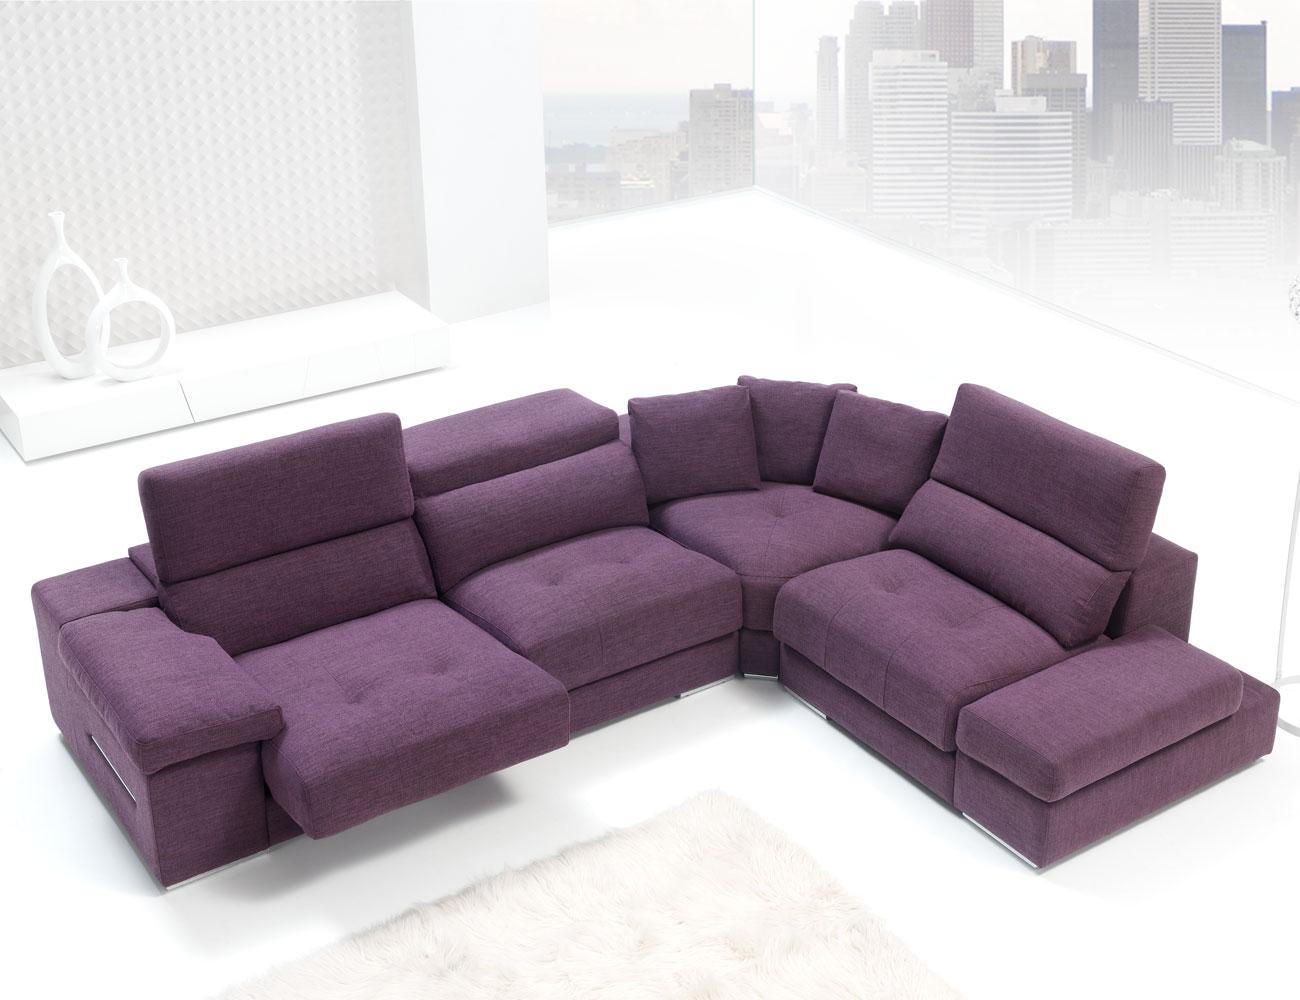 Sofa chaiselongue rincon con brazo mecanico tejido anti manchas 25